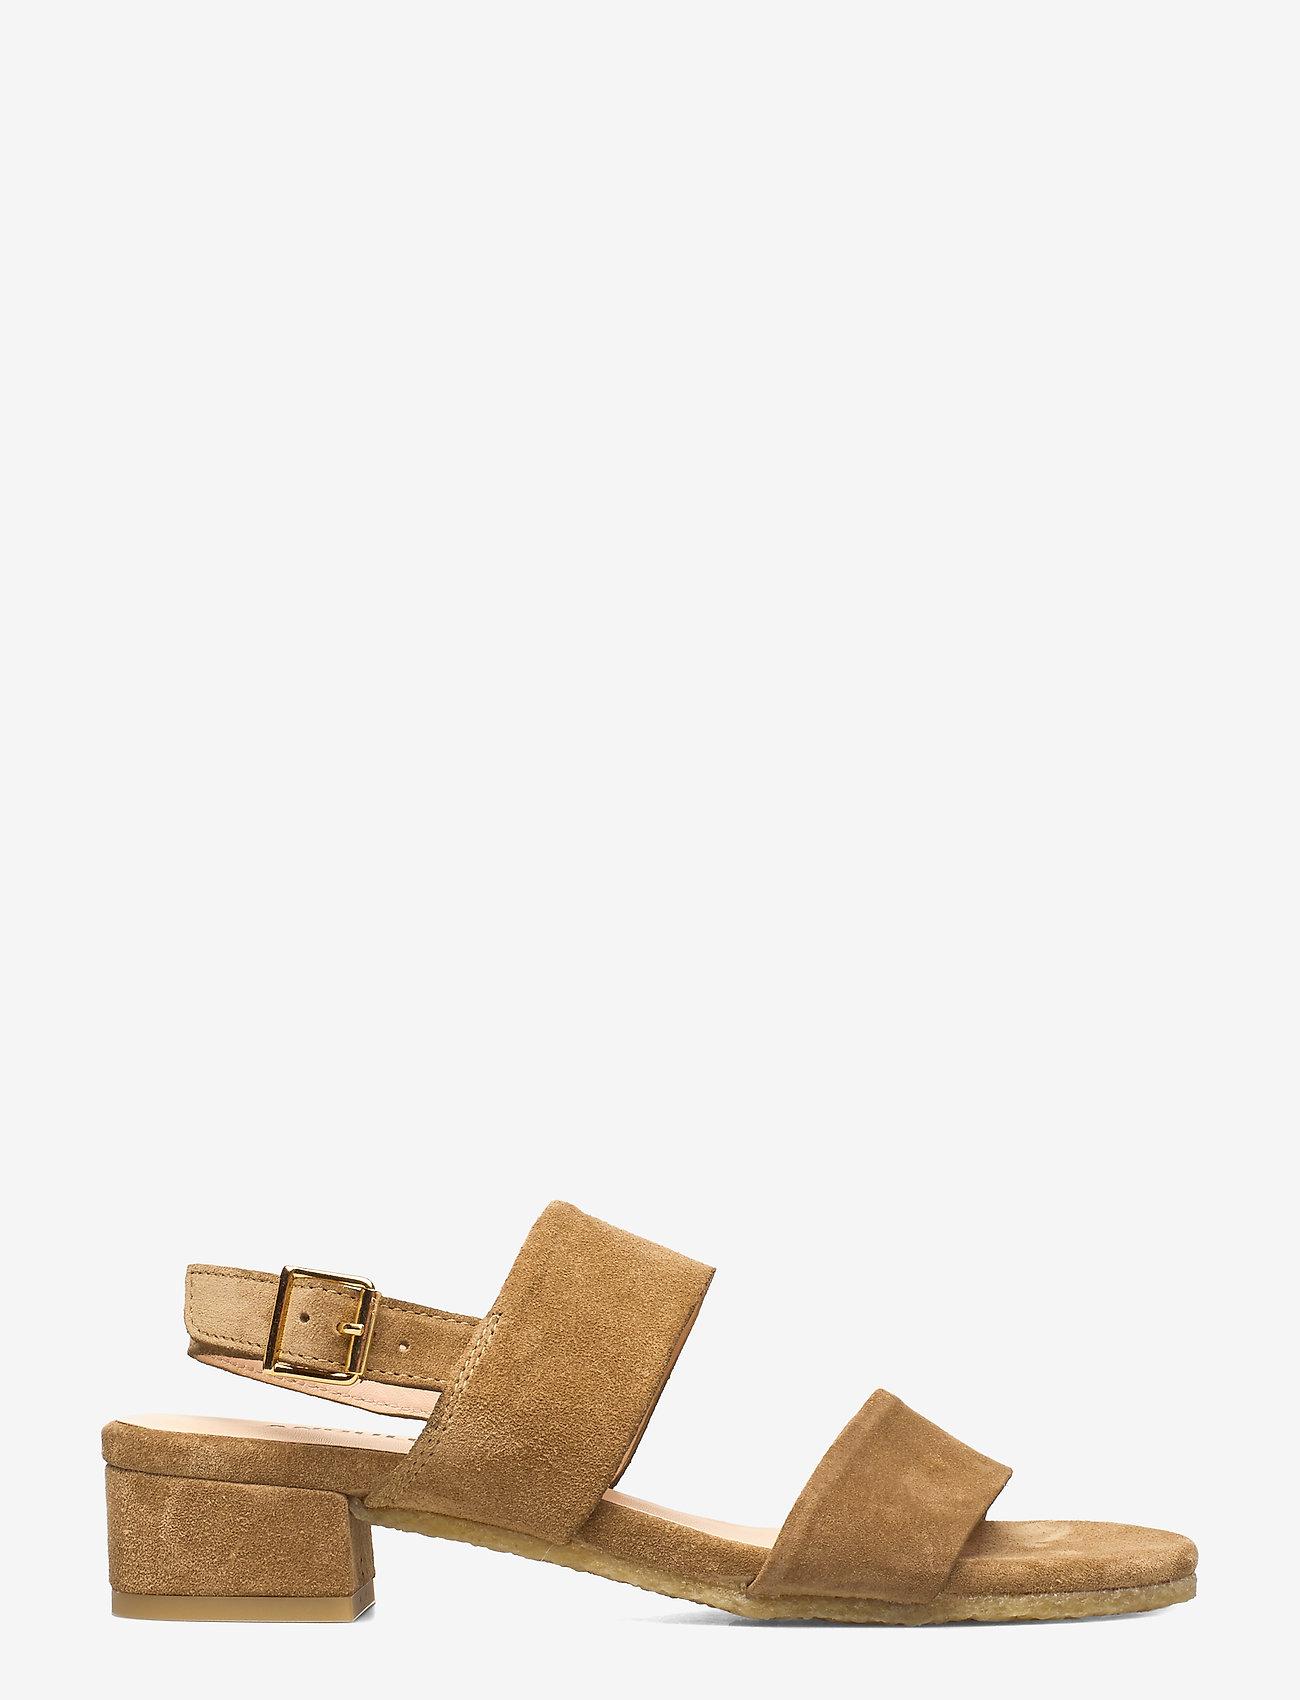 ANGULUS - Sandals - flat - højhælede sandaler - 2210 camel - 1